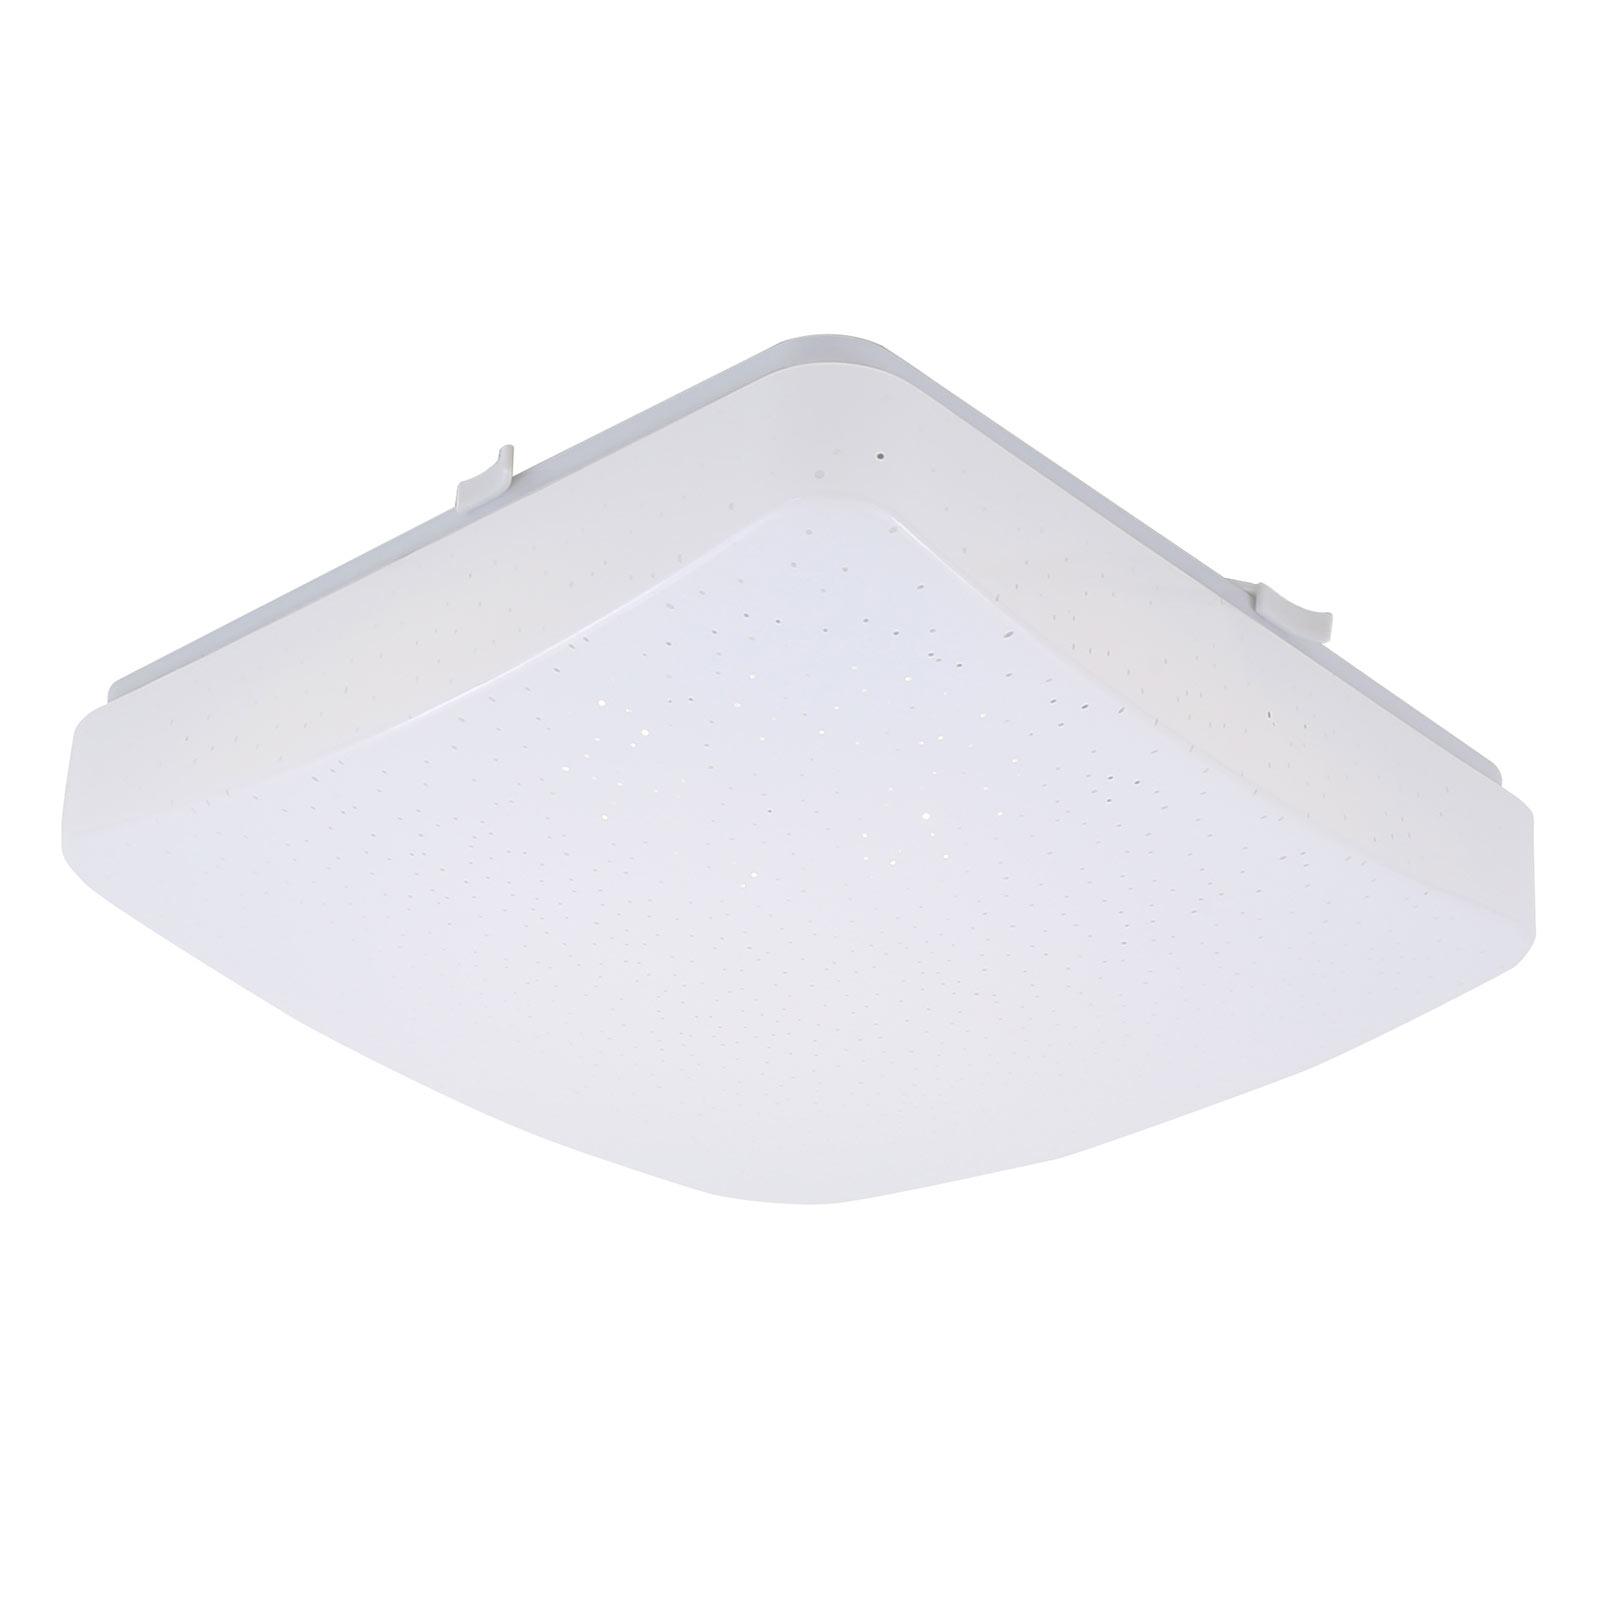 LED-taklampe 3347/3387, stjernedekor, 27x27 cm